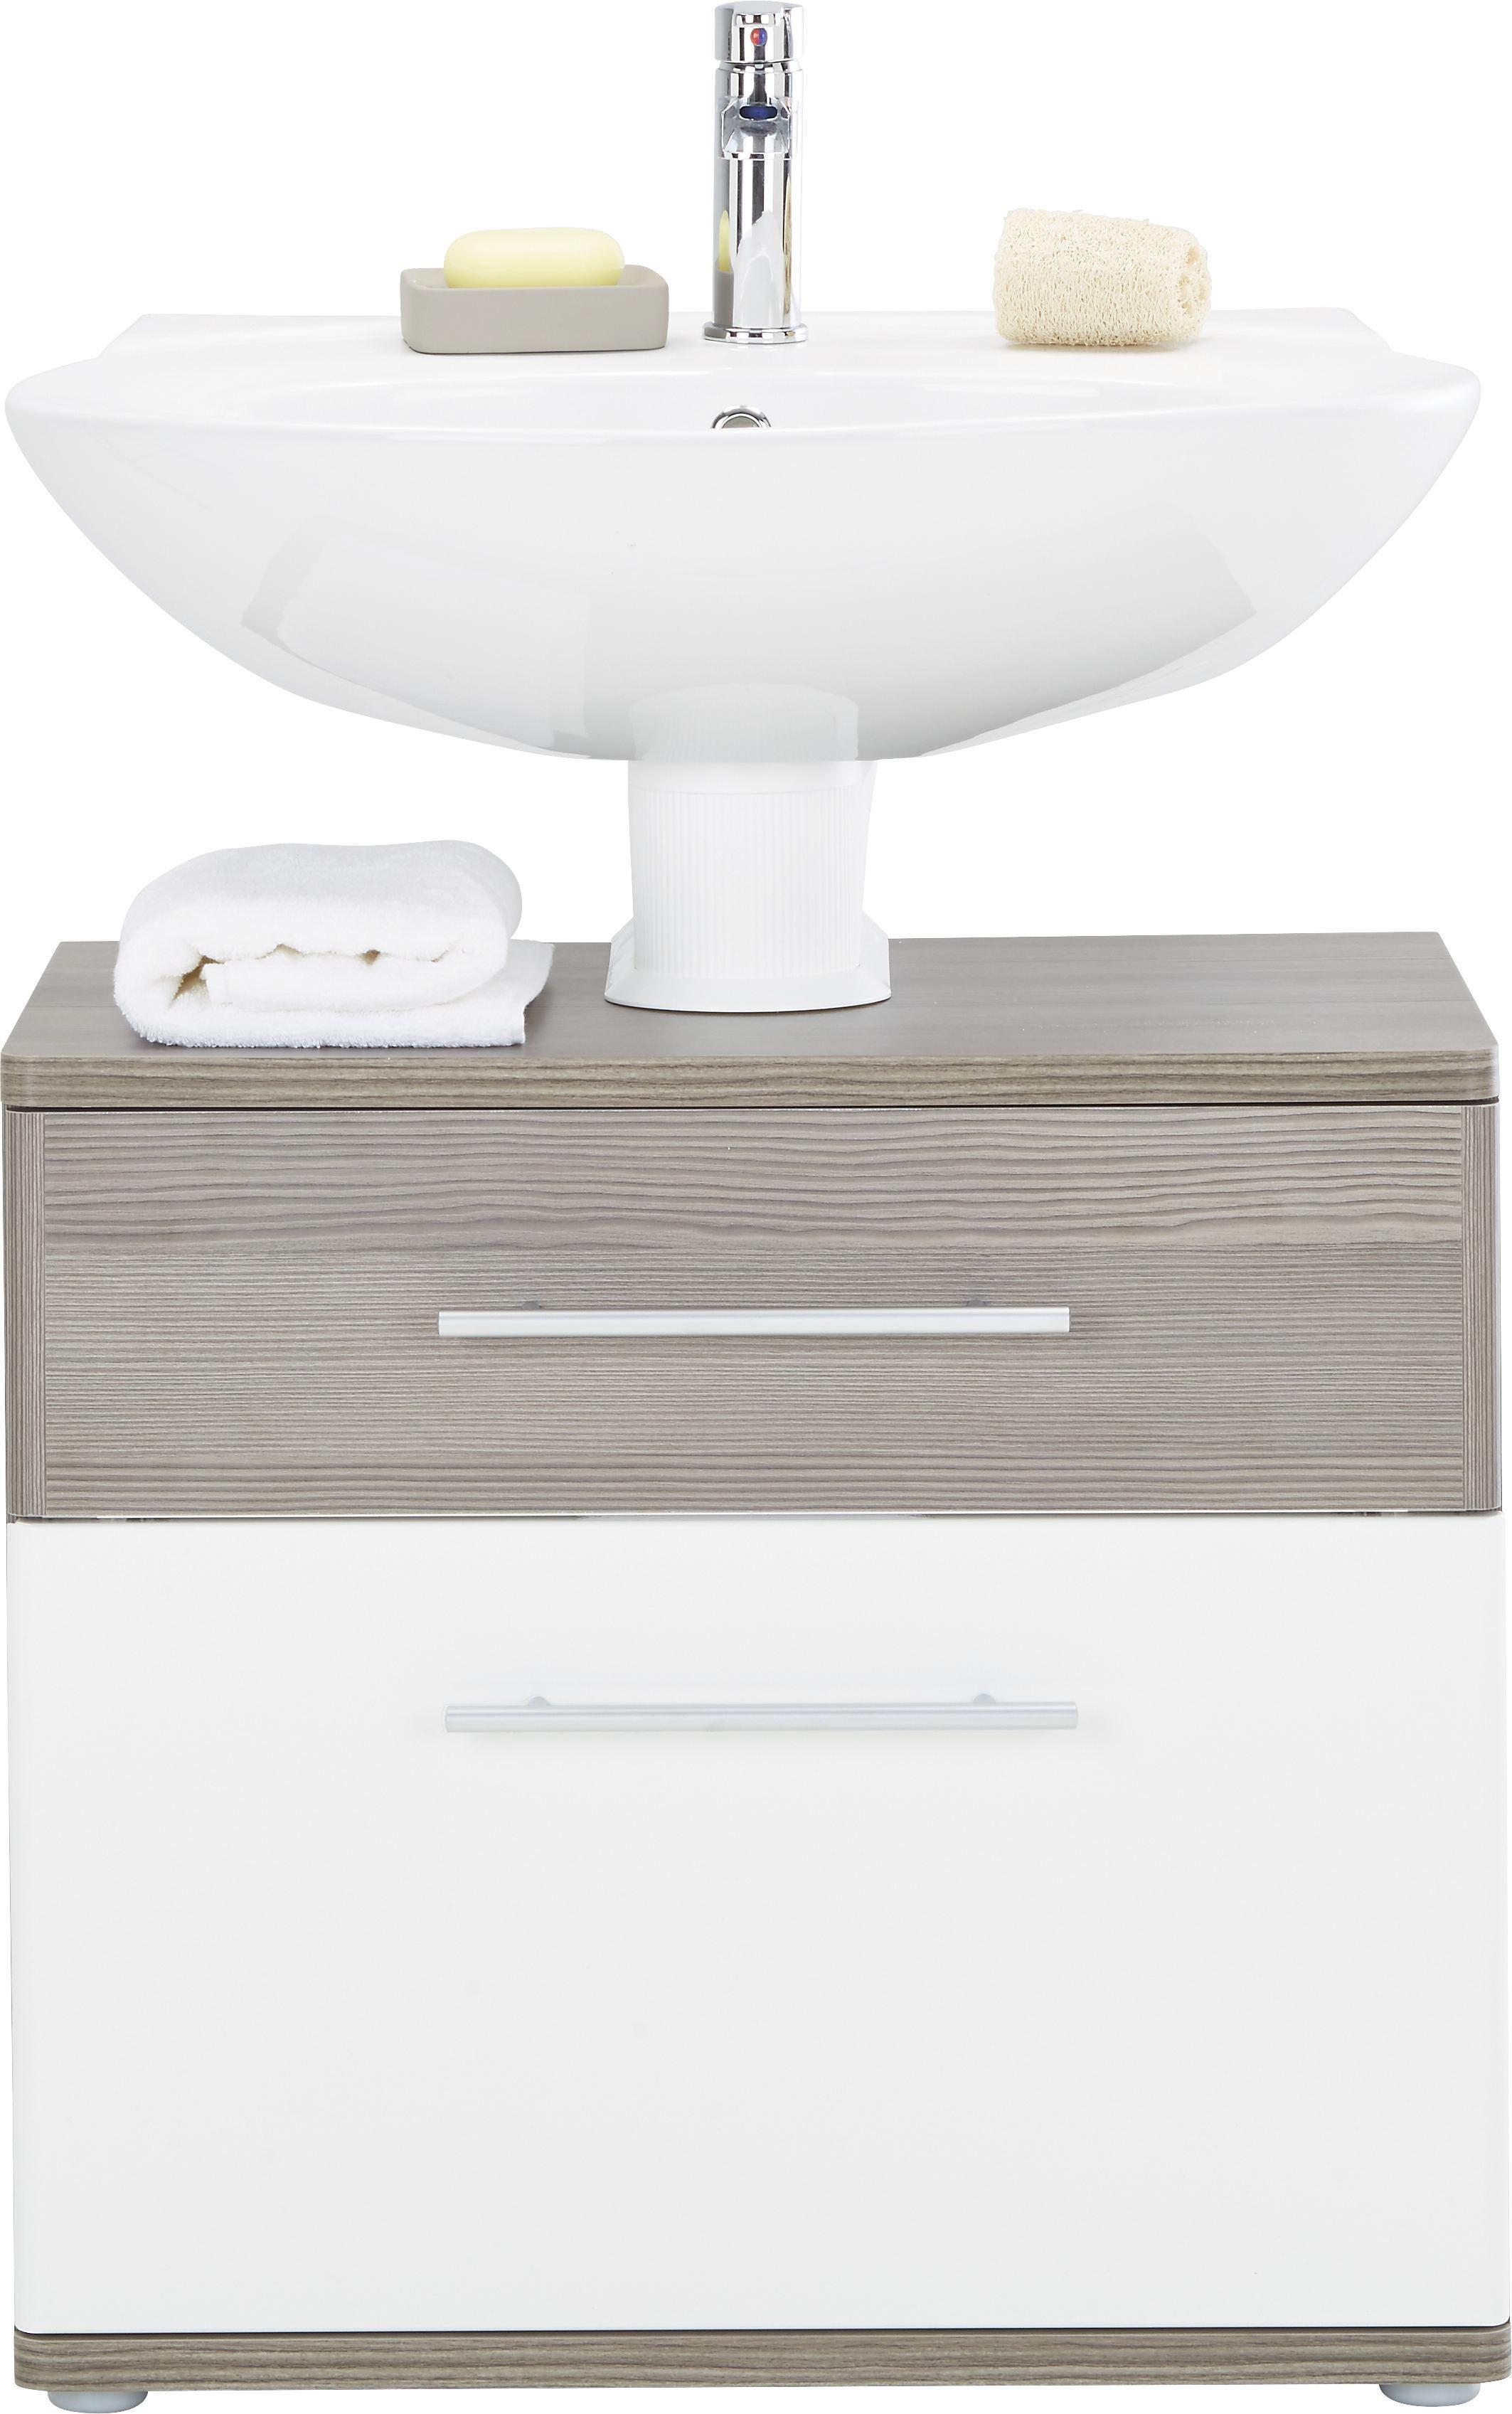 Waschbeckenunterschrank in Braun/Weiß - Dunkelbraun/Alufarben, KONVENTIONELL, Holzwerkstoff/Kunststoff (66/59/40cm) - PREMIUM LIVING